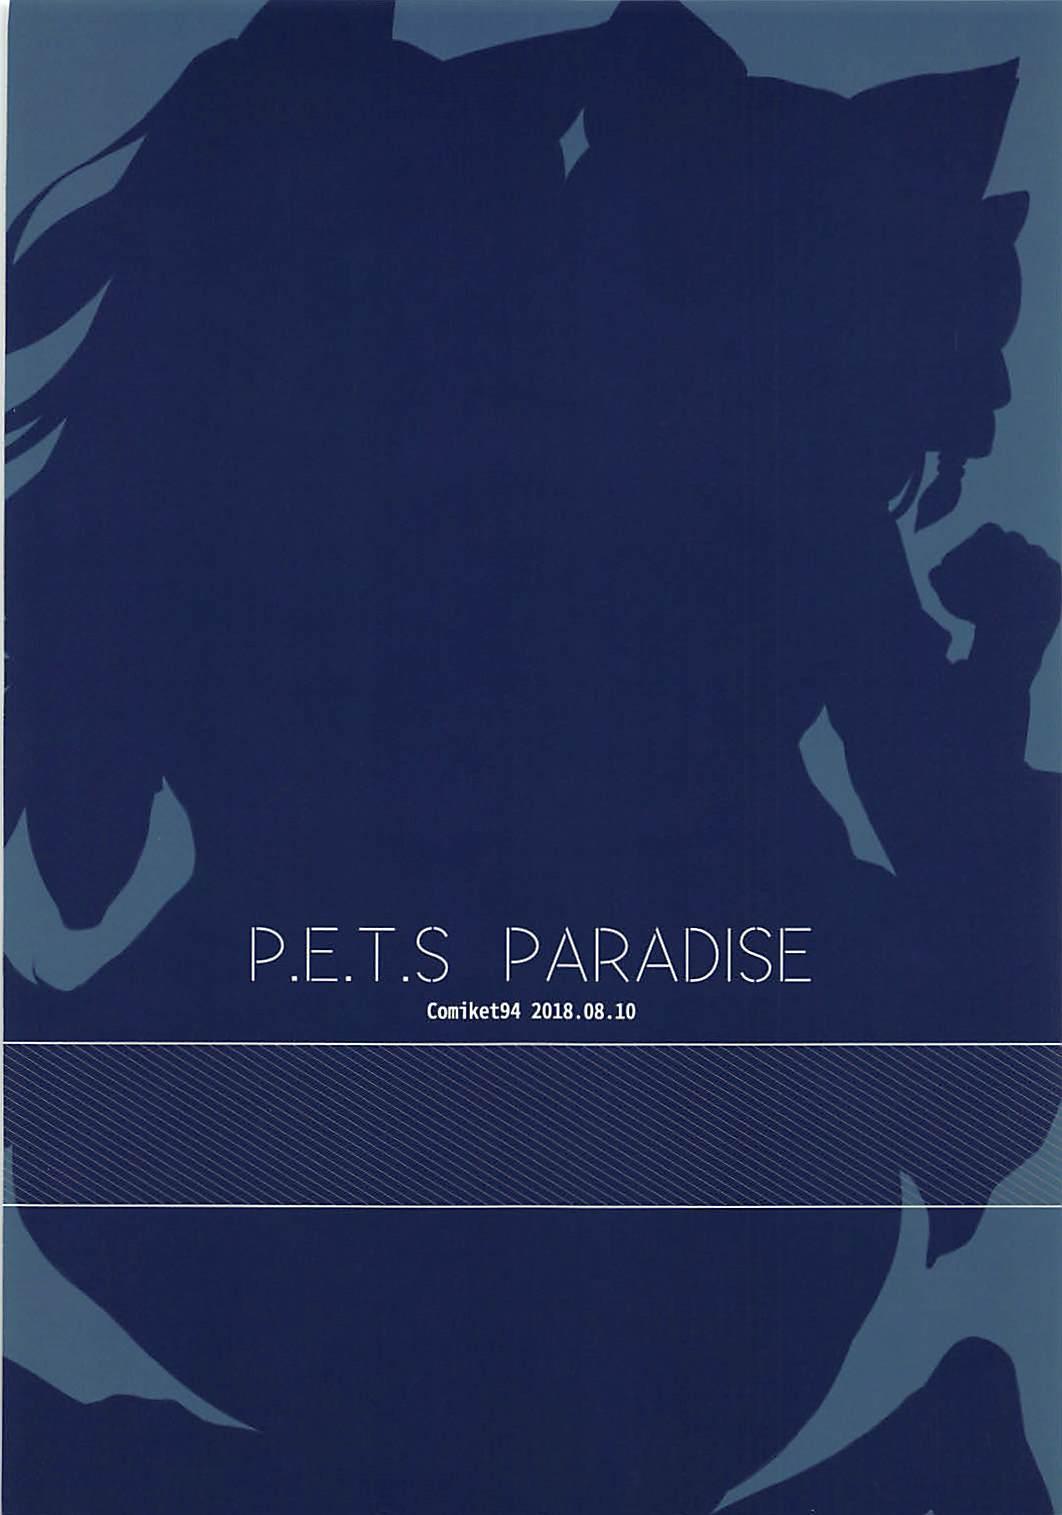 P.E.T.S PARADISE 13